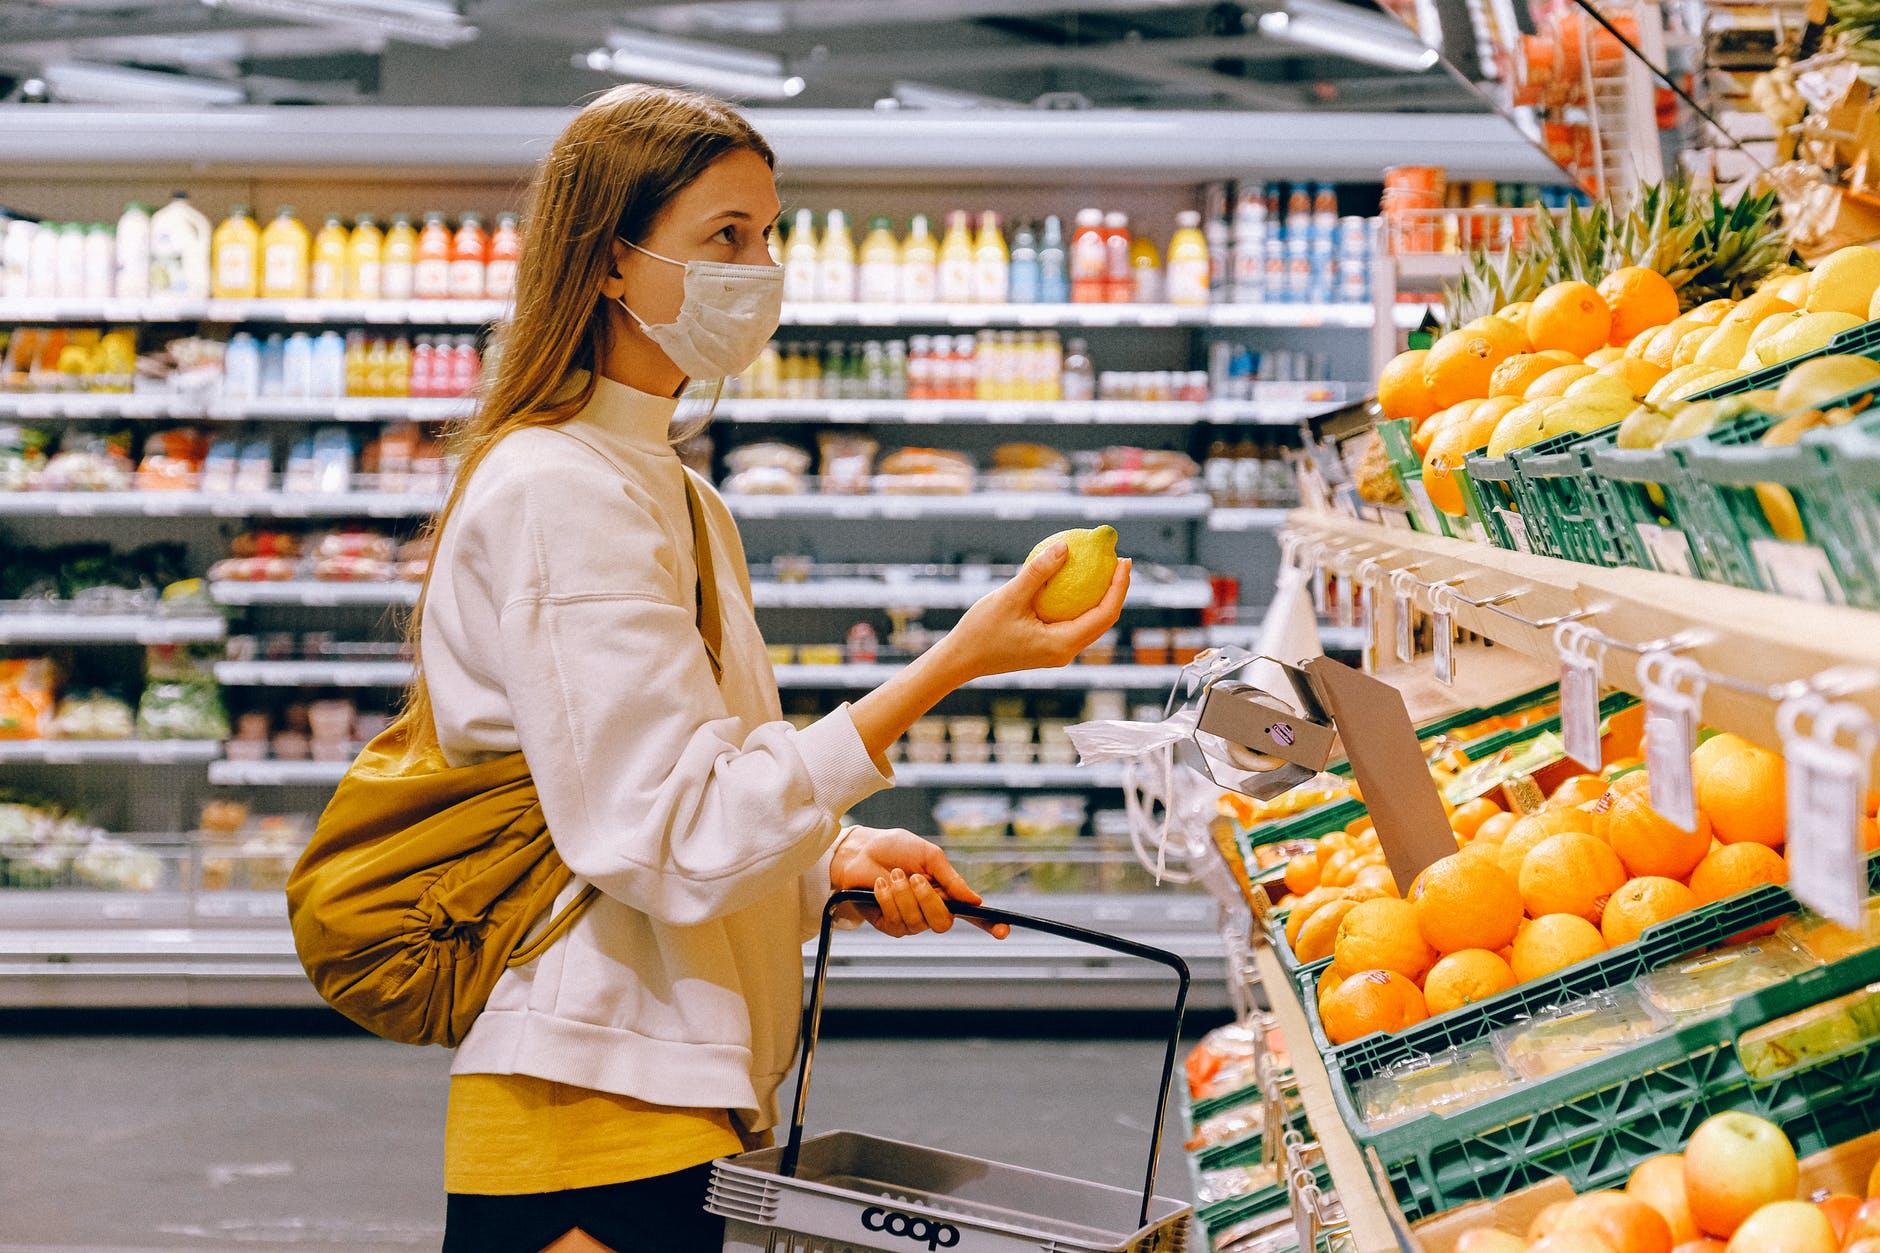 Precios Cuidados 2021: ¿cuáles son las nuevas categorías?